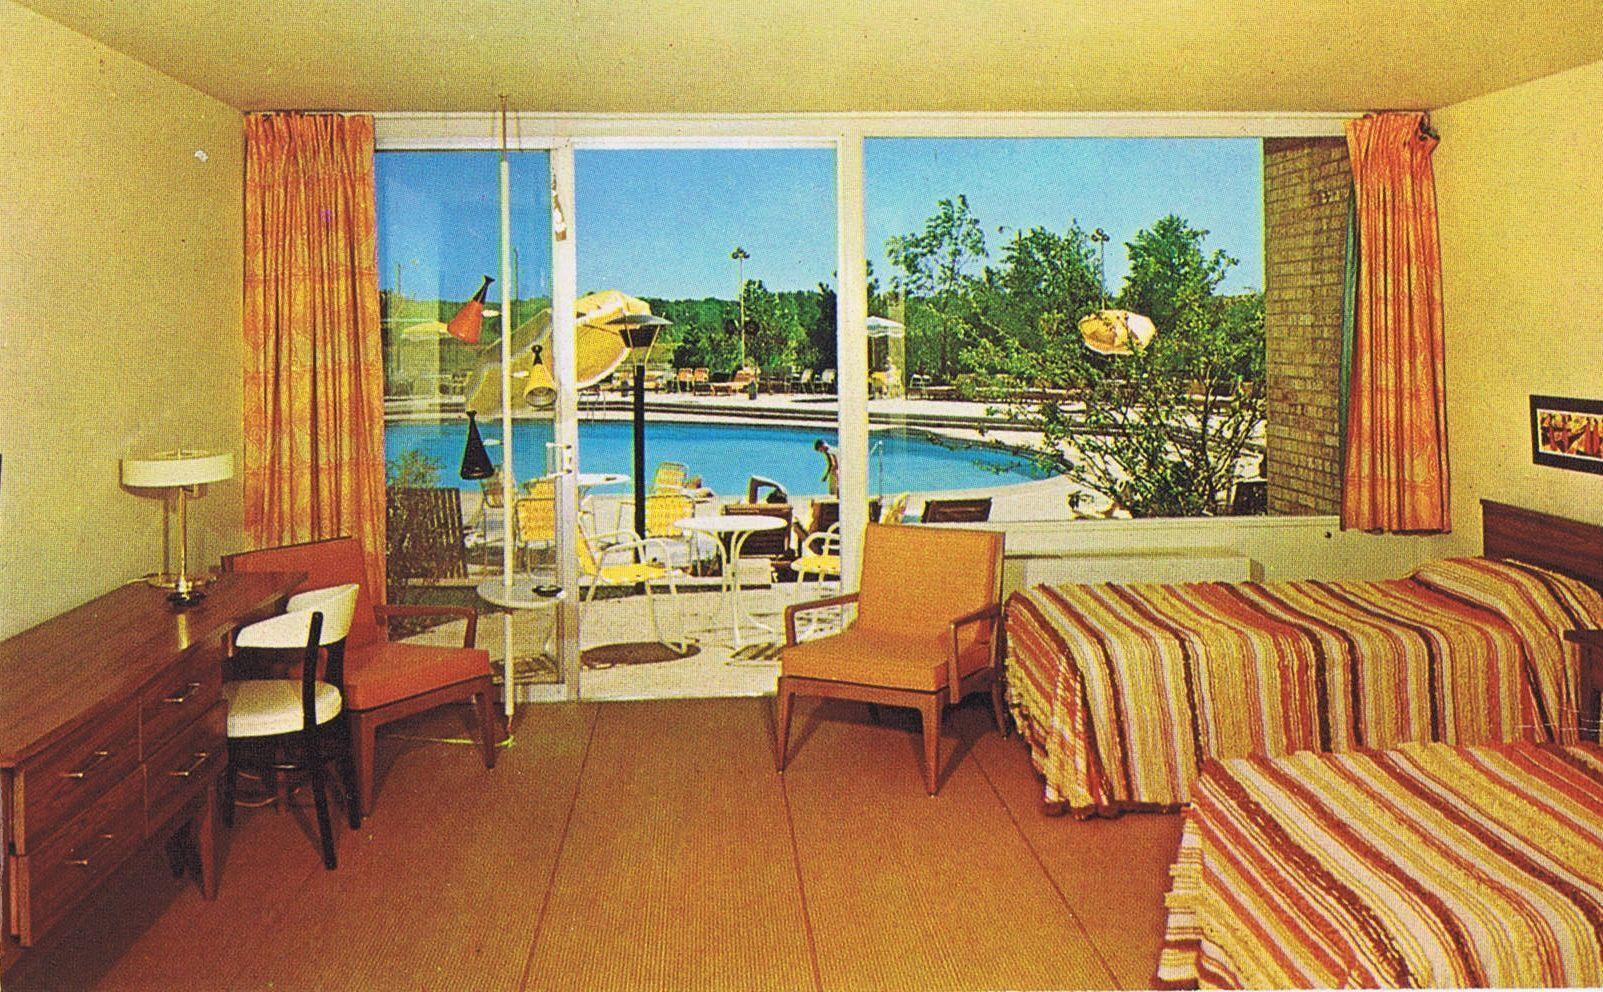 Villa Moderne night club recalled - Chicago Tribune